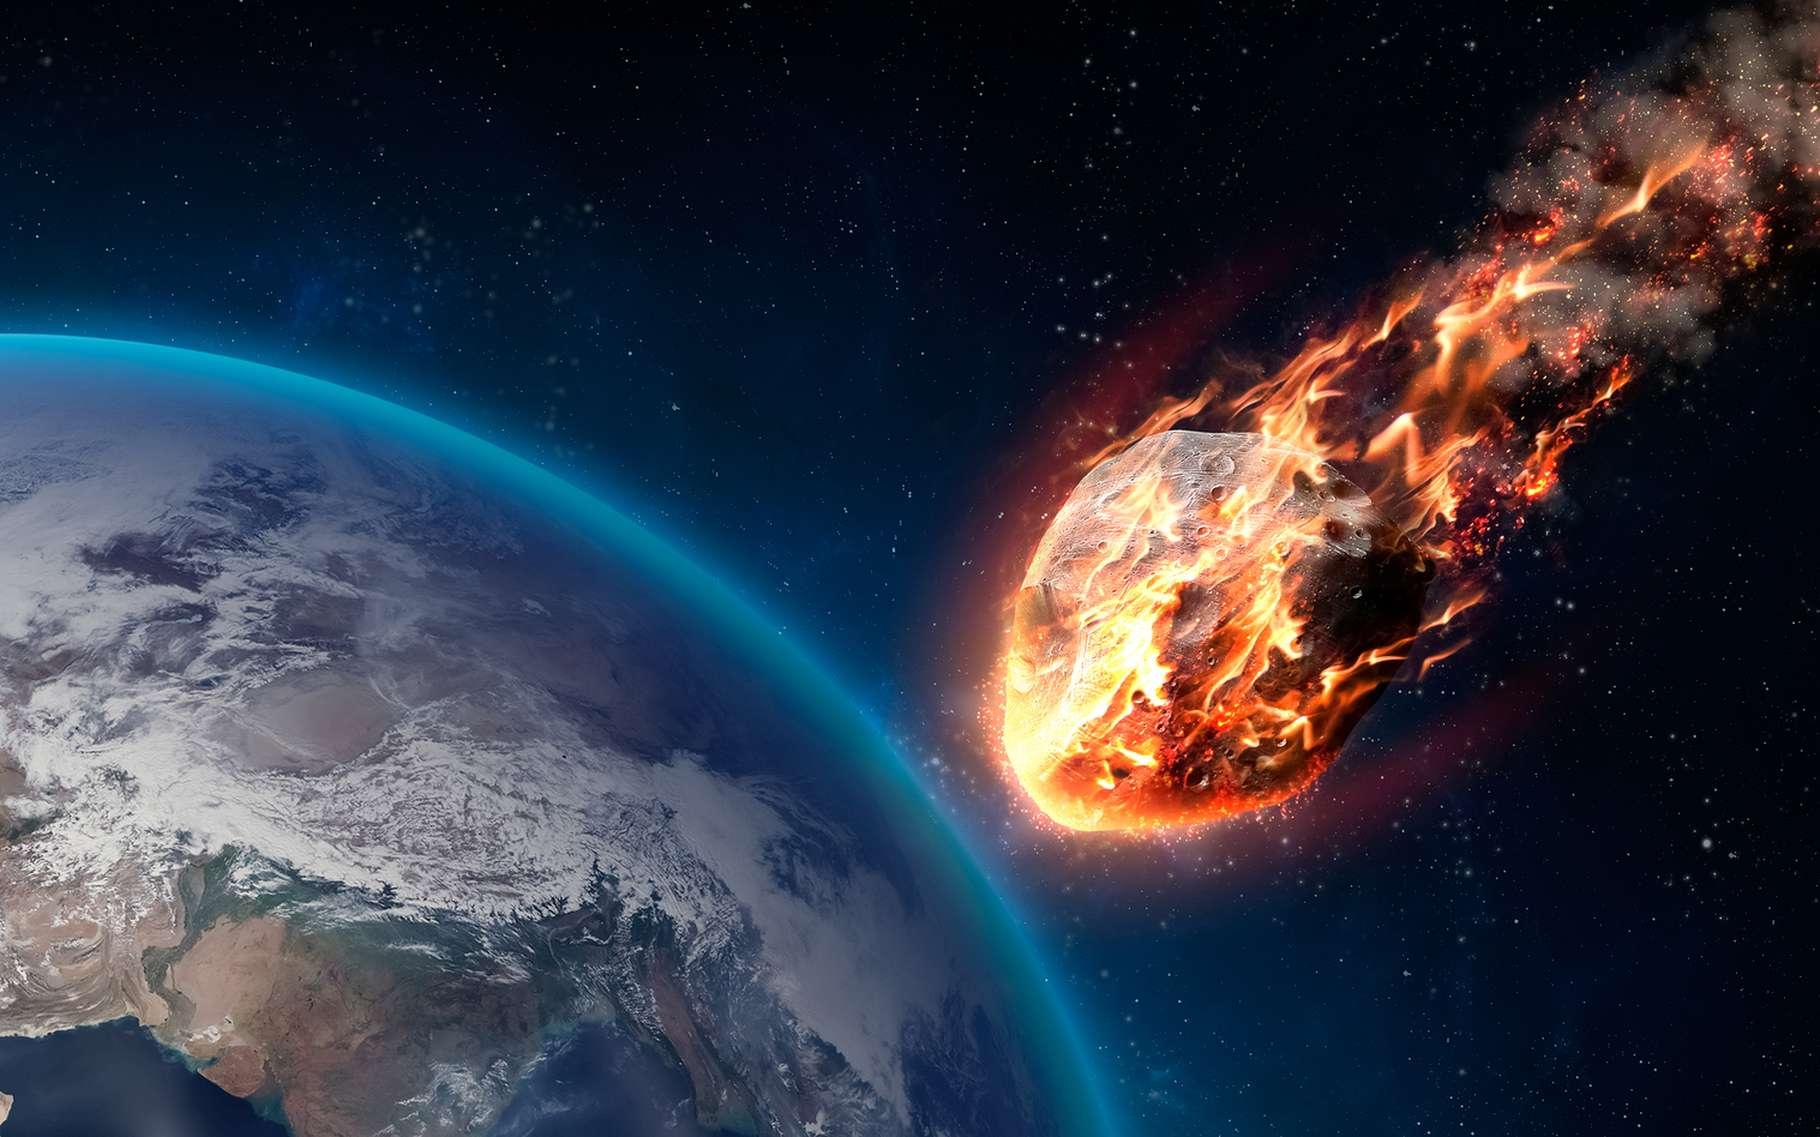 Une météorite de 30 tonnes a été découverte en Argentine, dans une région ayant subi une importante pluie météoritique il y a quelque 4.200 à 4.700 ans. © Vadim Sadovski, Shutterstock